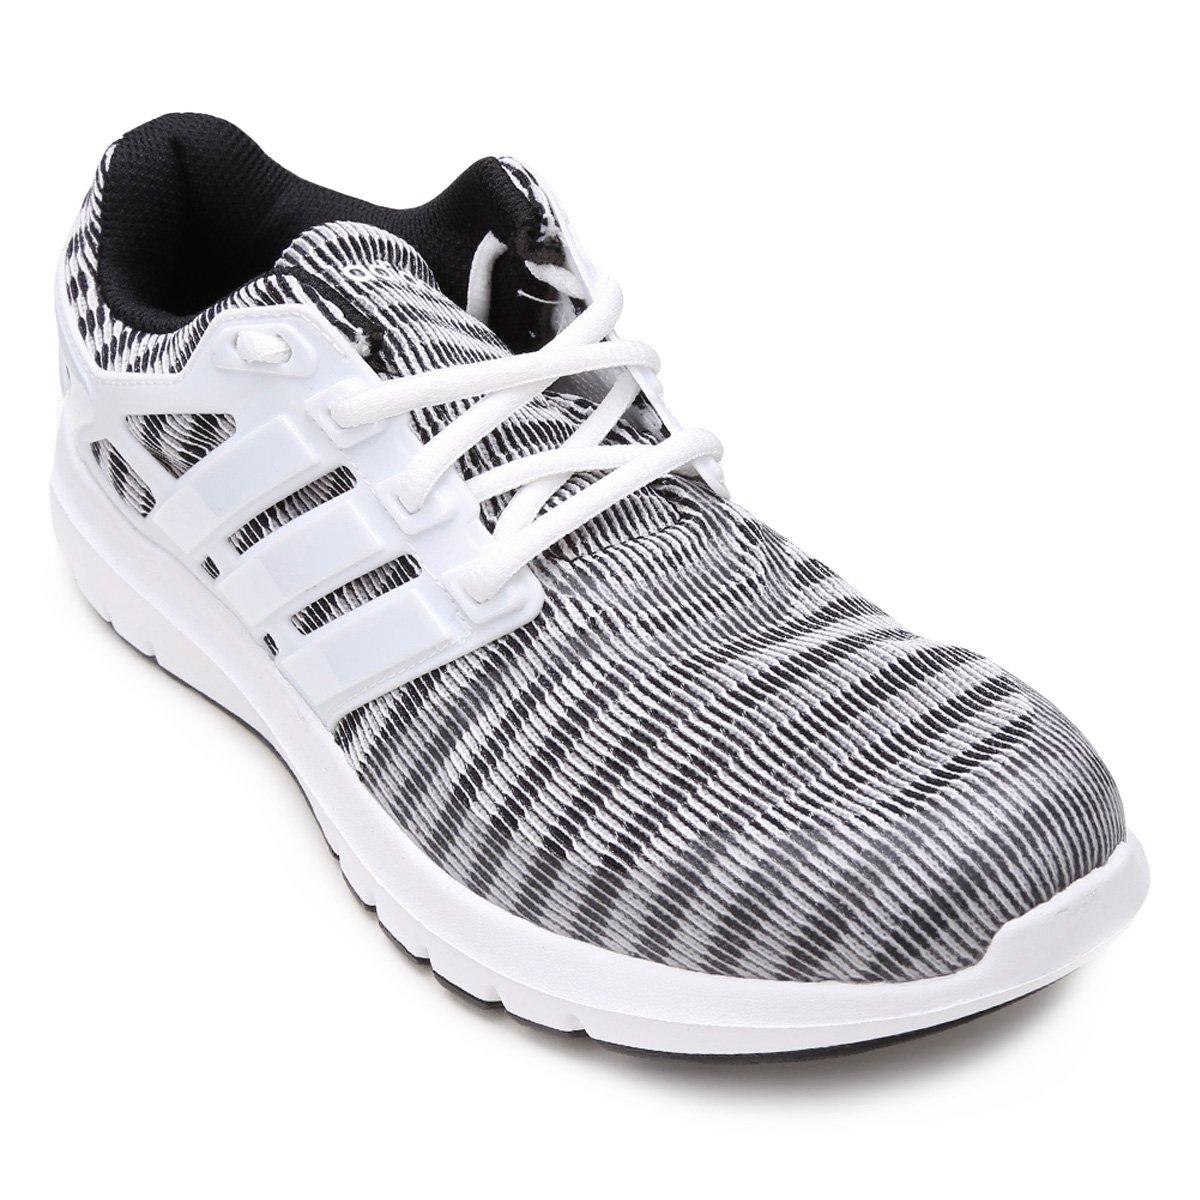 Preço Do Sapato Da Adidas Comprar on line agora